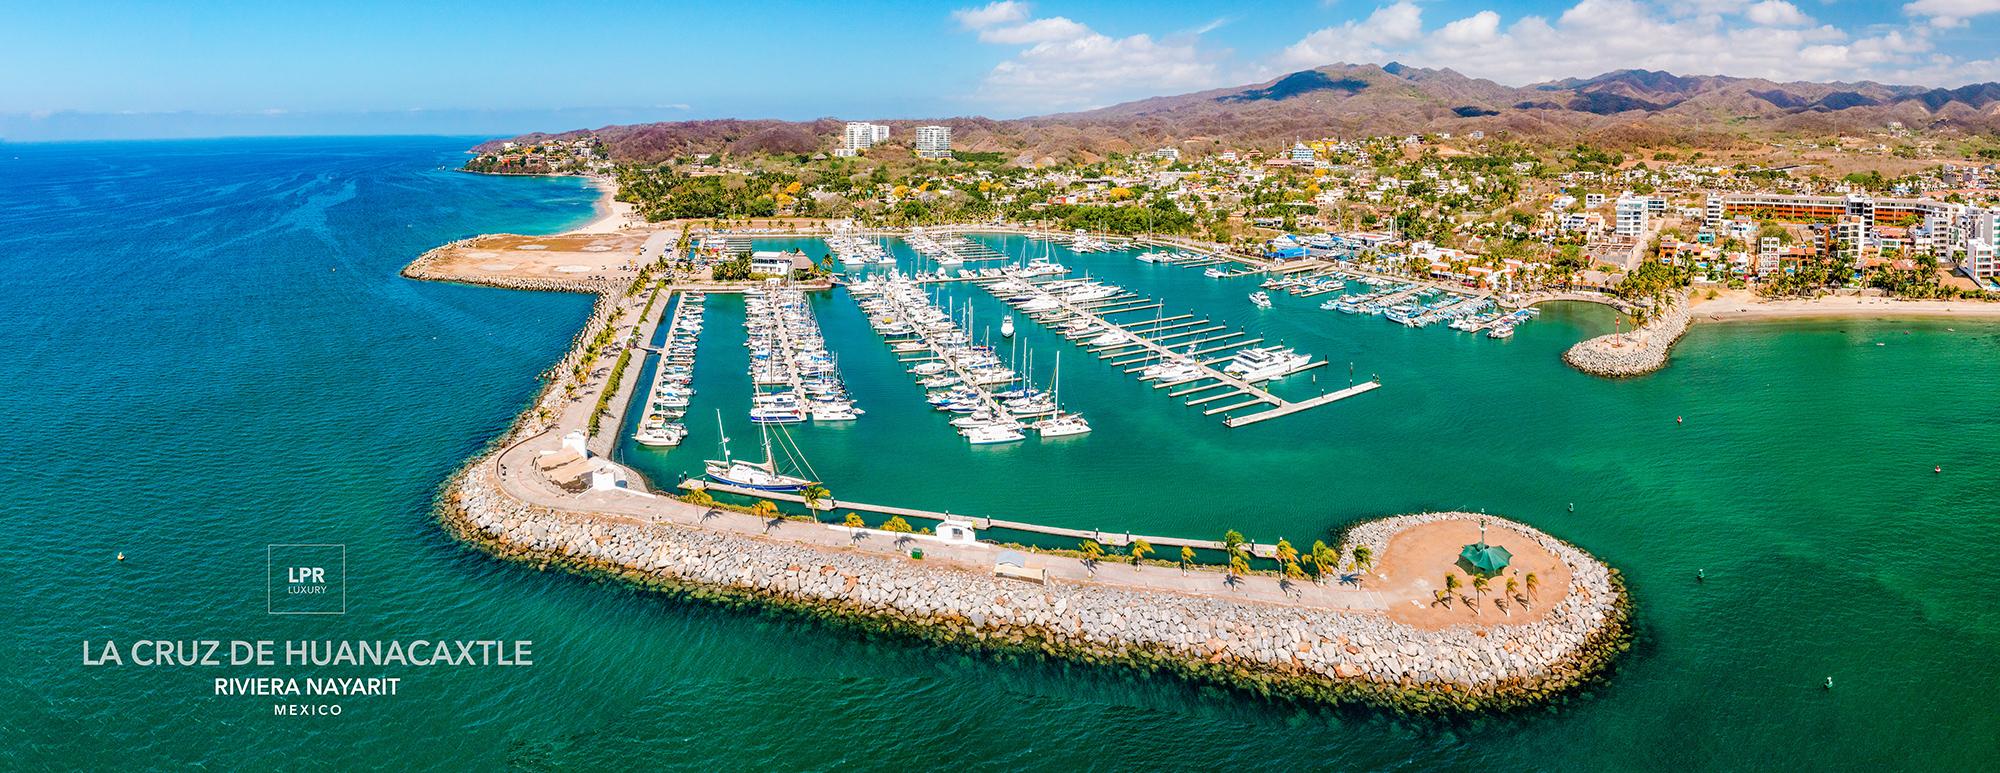 La Cruz de Huanacaxtle - Riviera Nayarit, Mexico - Real Estate for Sale